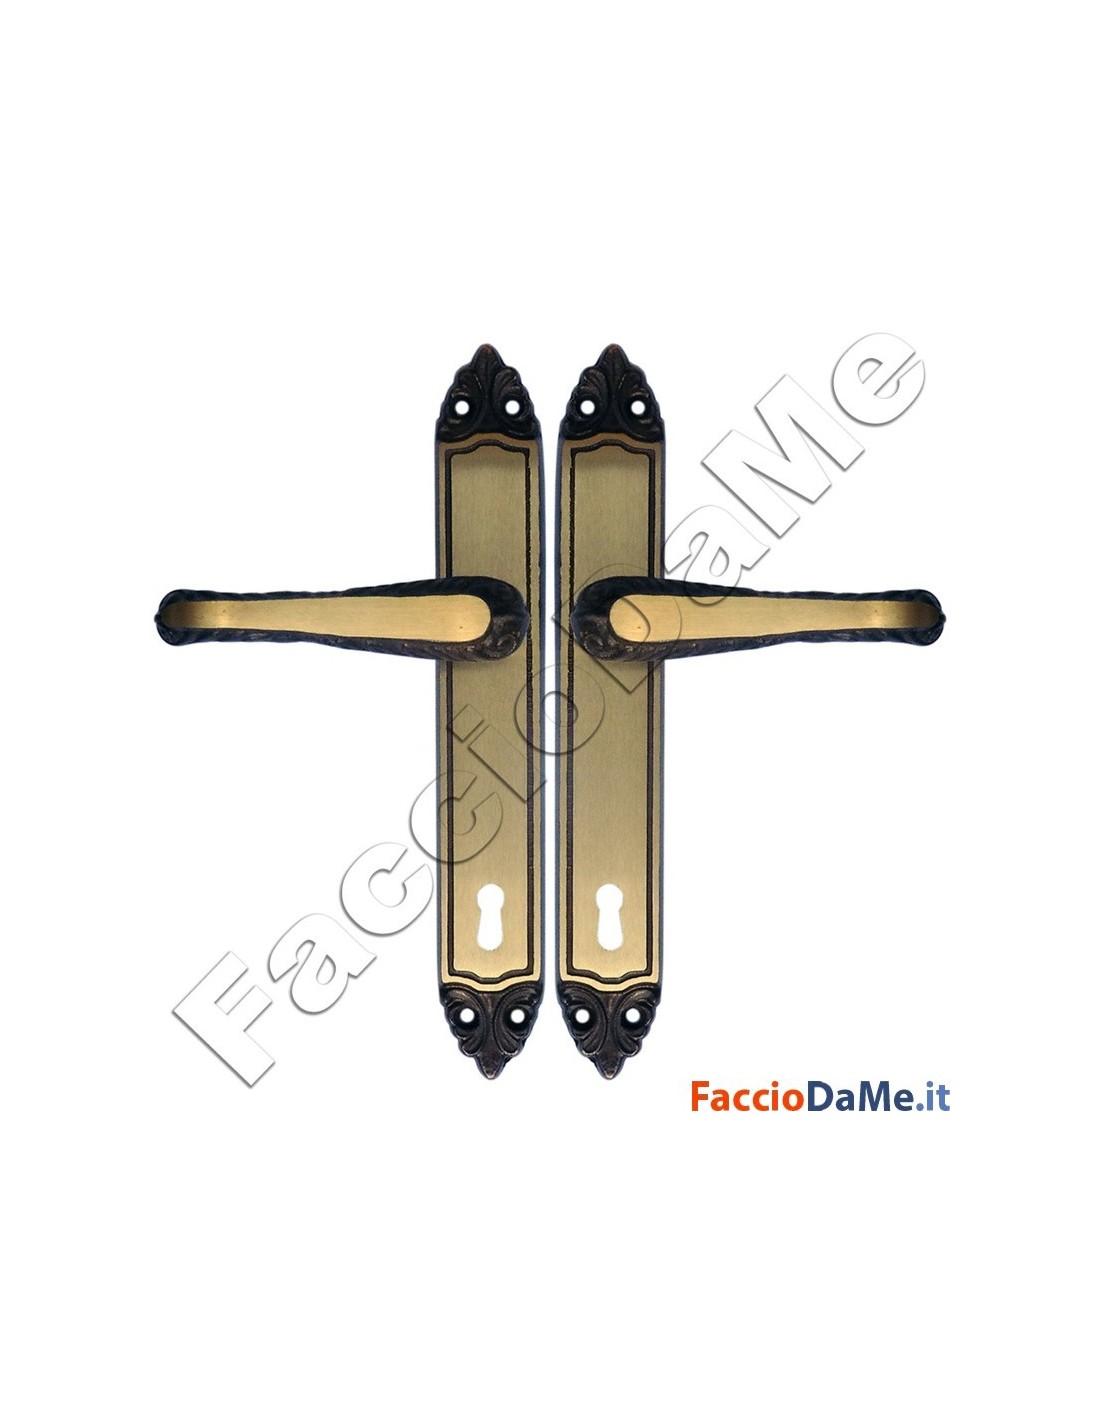 Maniglie cremonesi per porte e finestre serie erica in - Maniglie ottone per porte ...